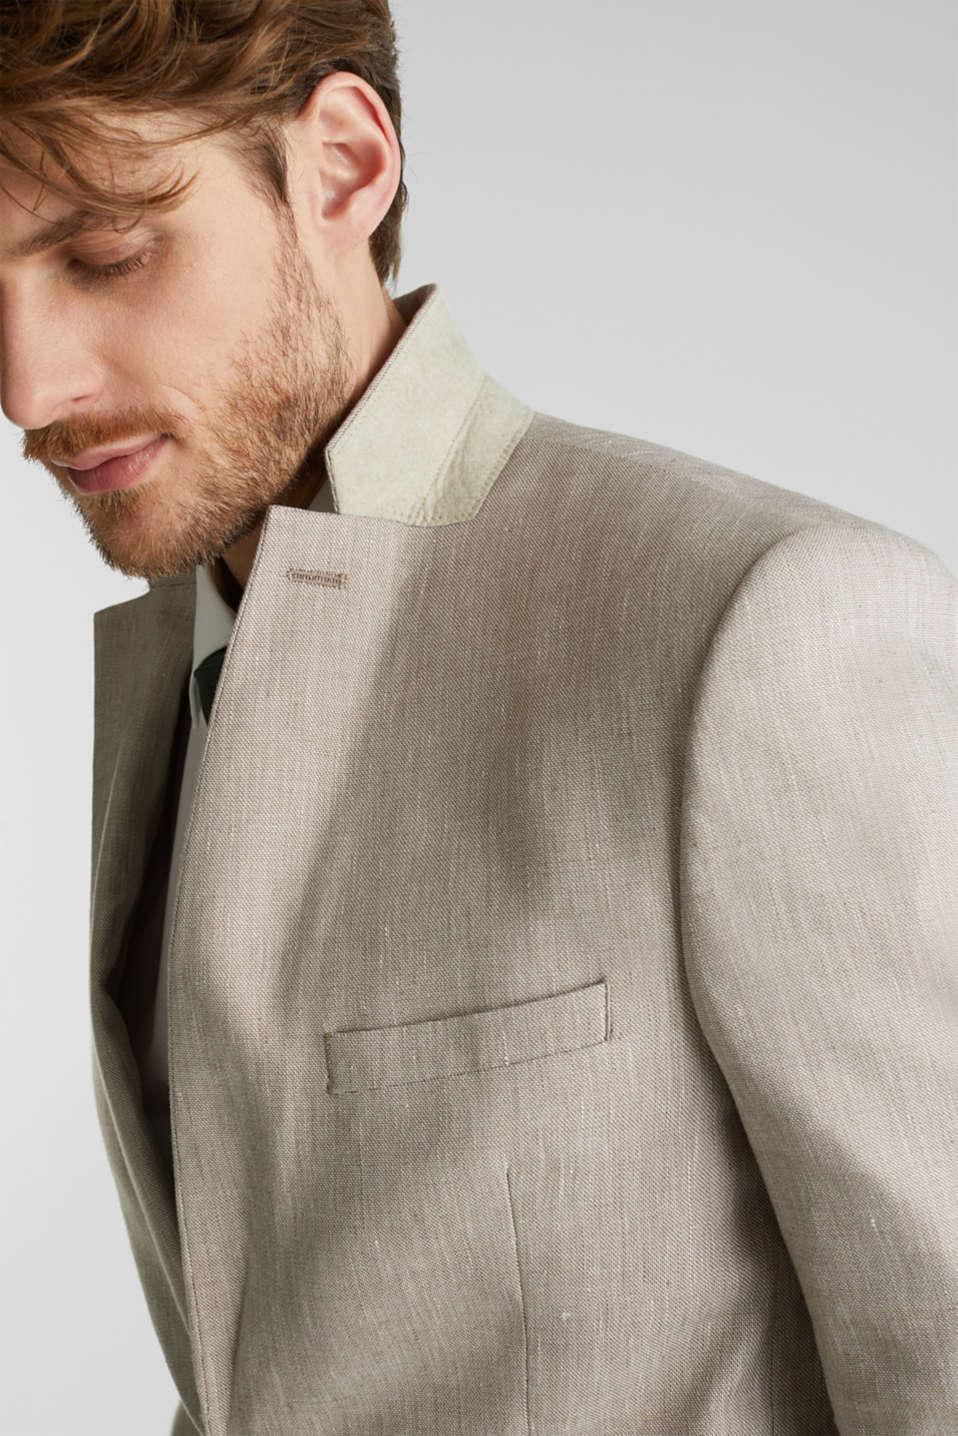 End-on-end linen blend jacket, SAND 5, detail image number 2